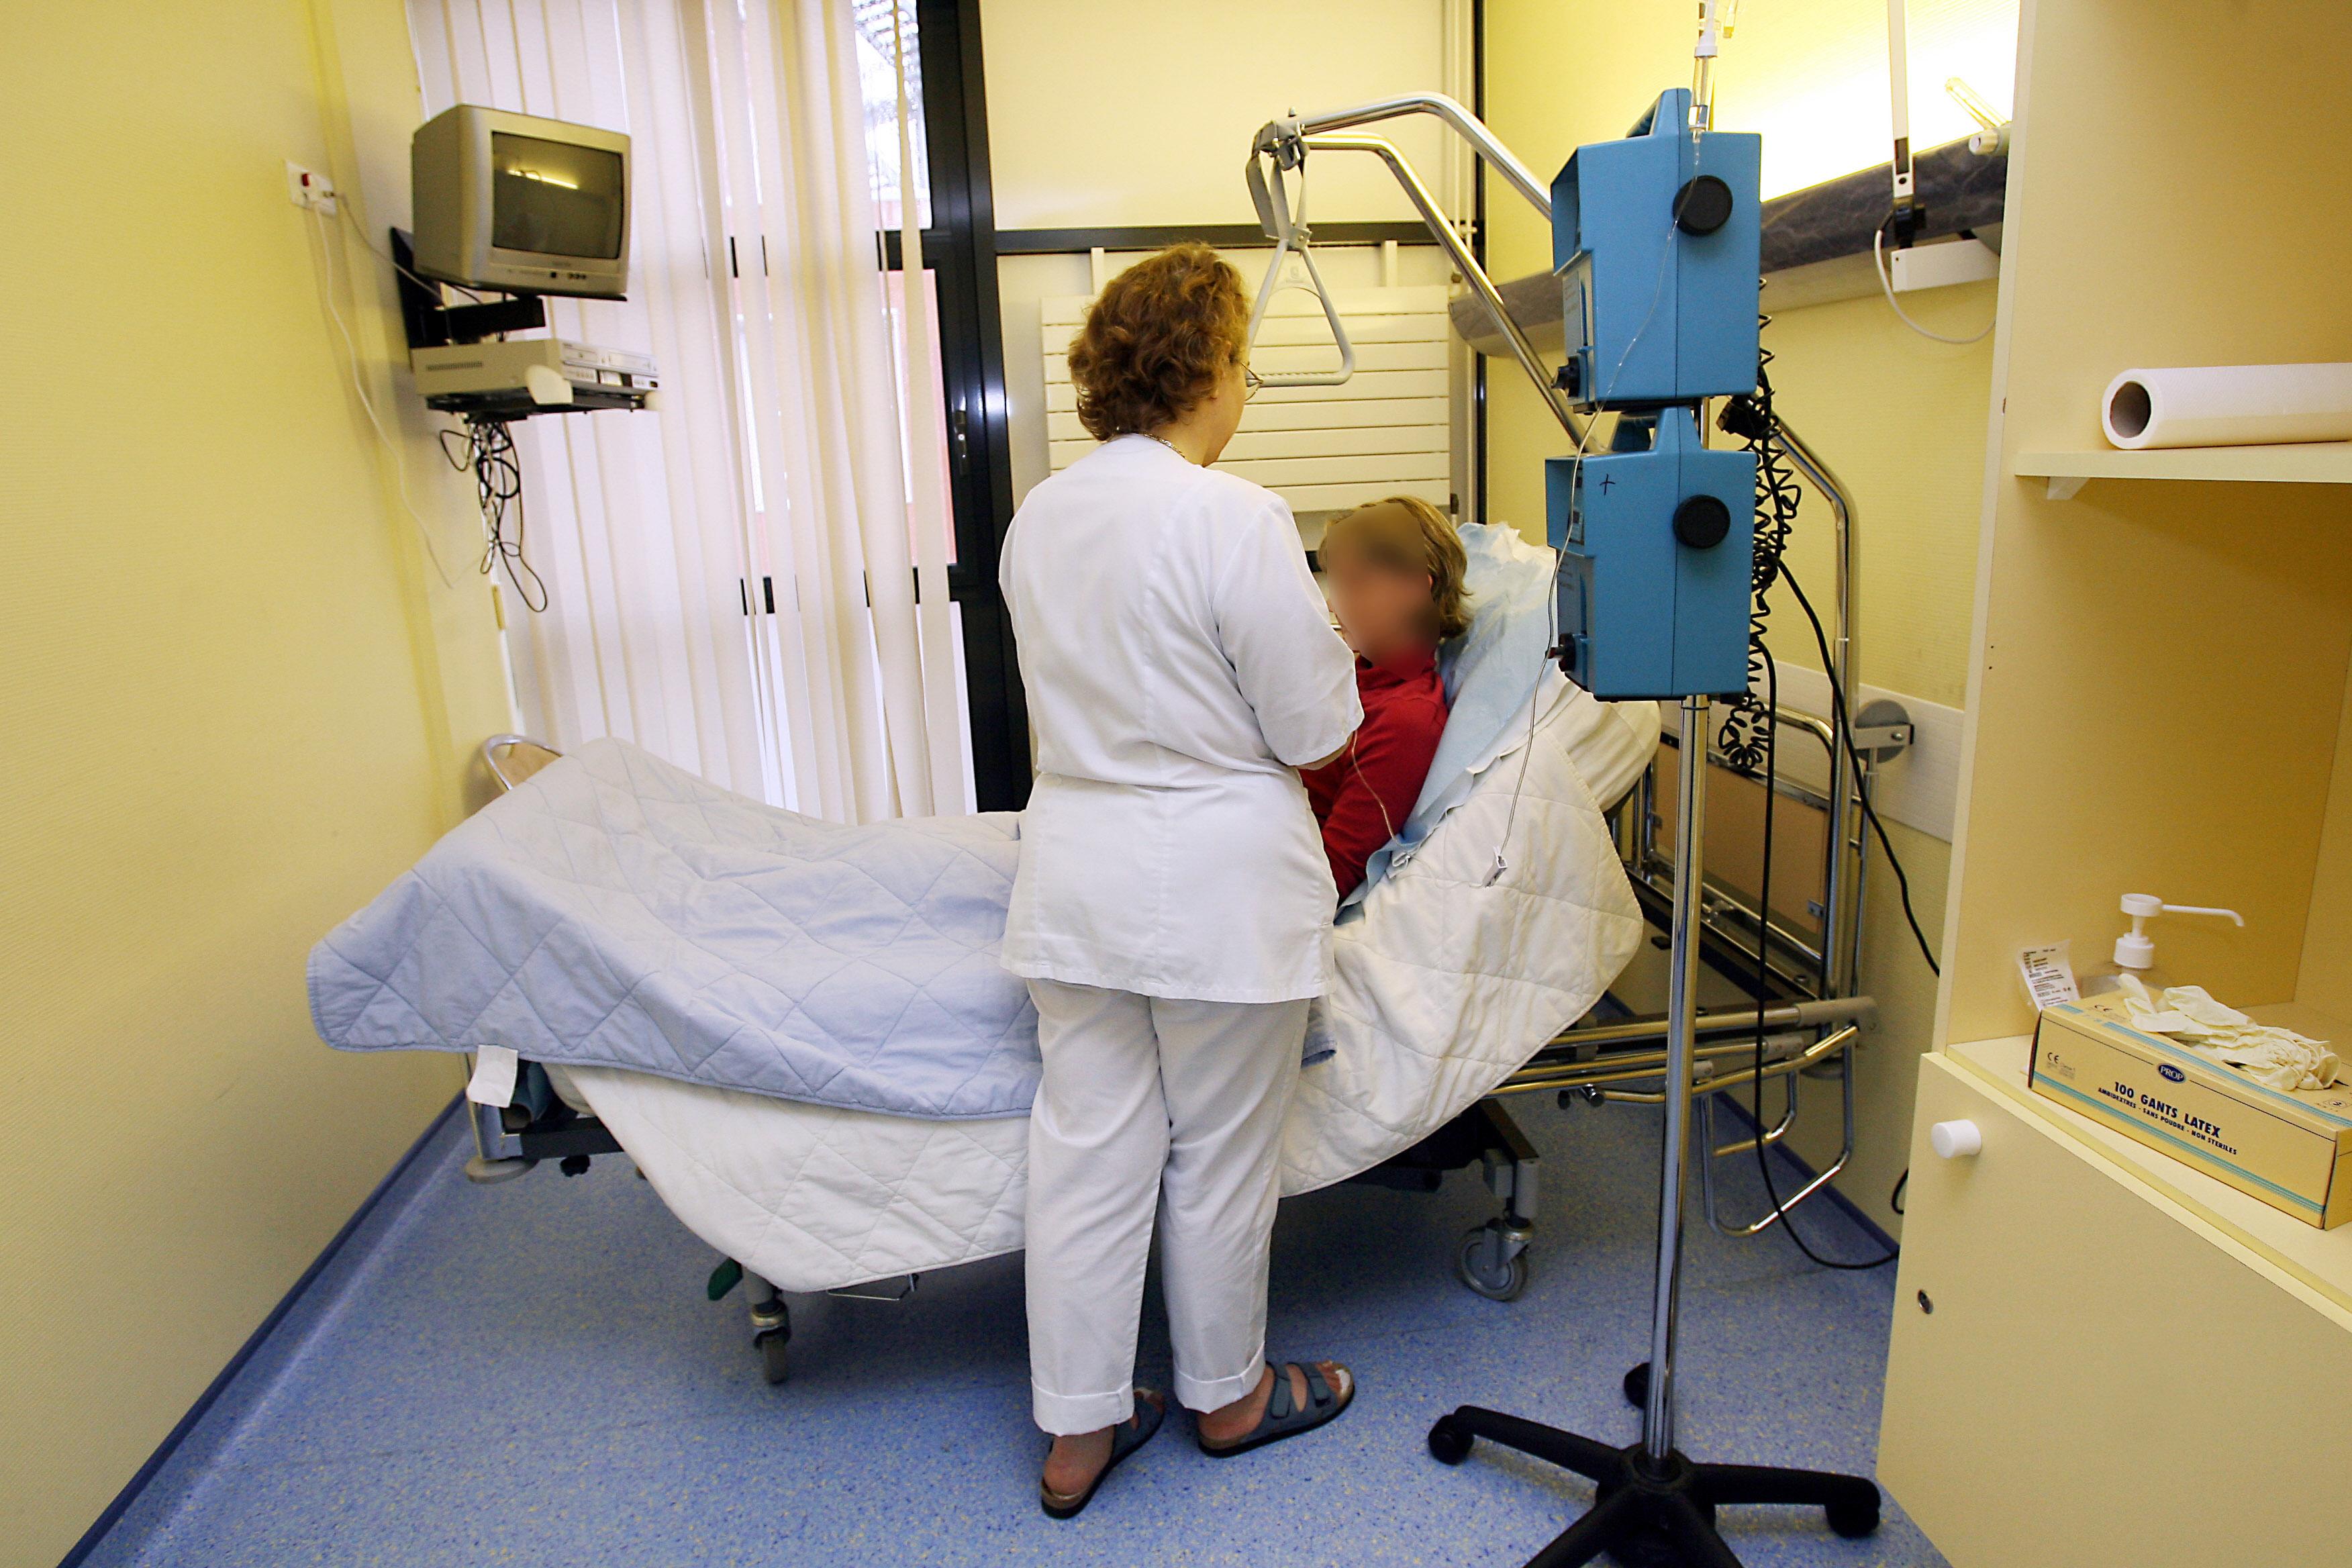 Les spécialistes en anatomie et cytologie pathologique sont peu nombreux et très   recherchés dans les hôpitaux.